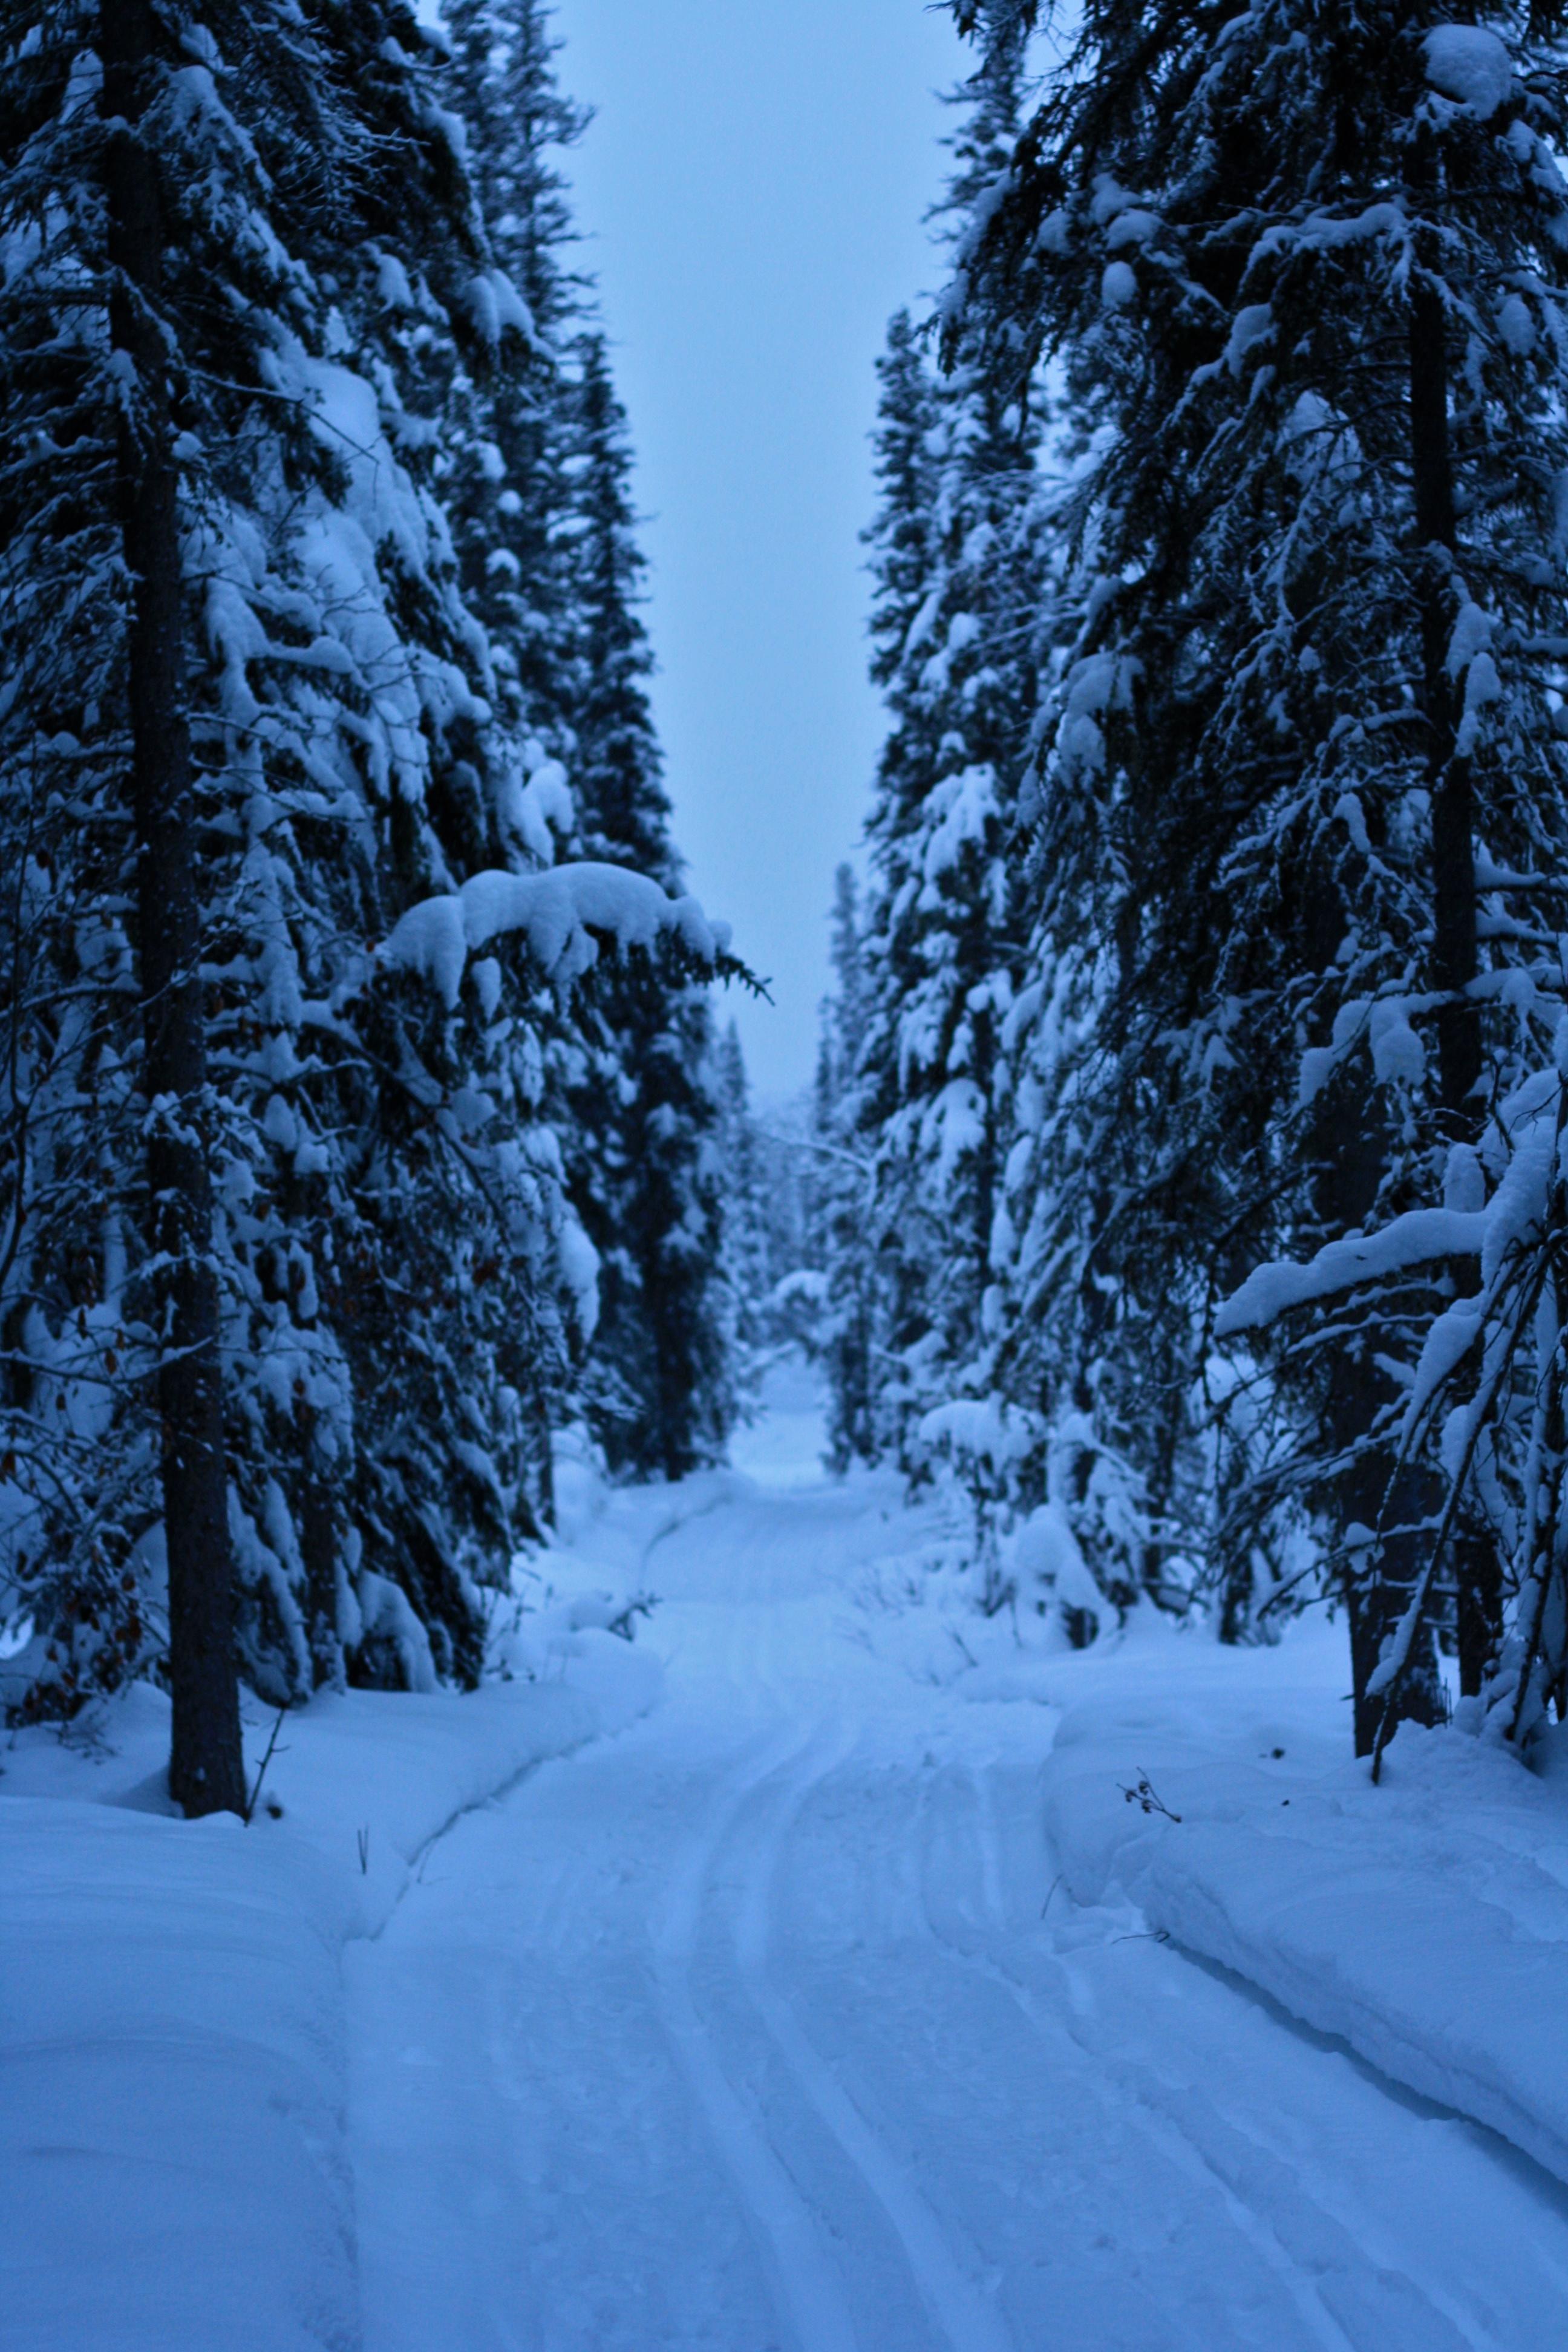 looong Ski trail